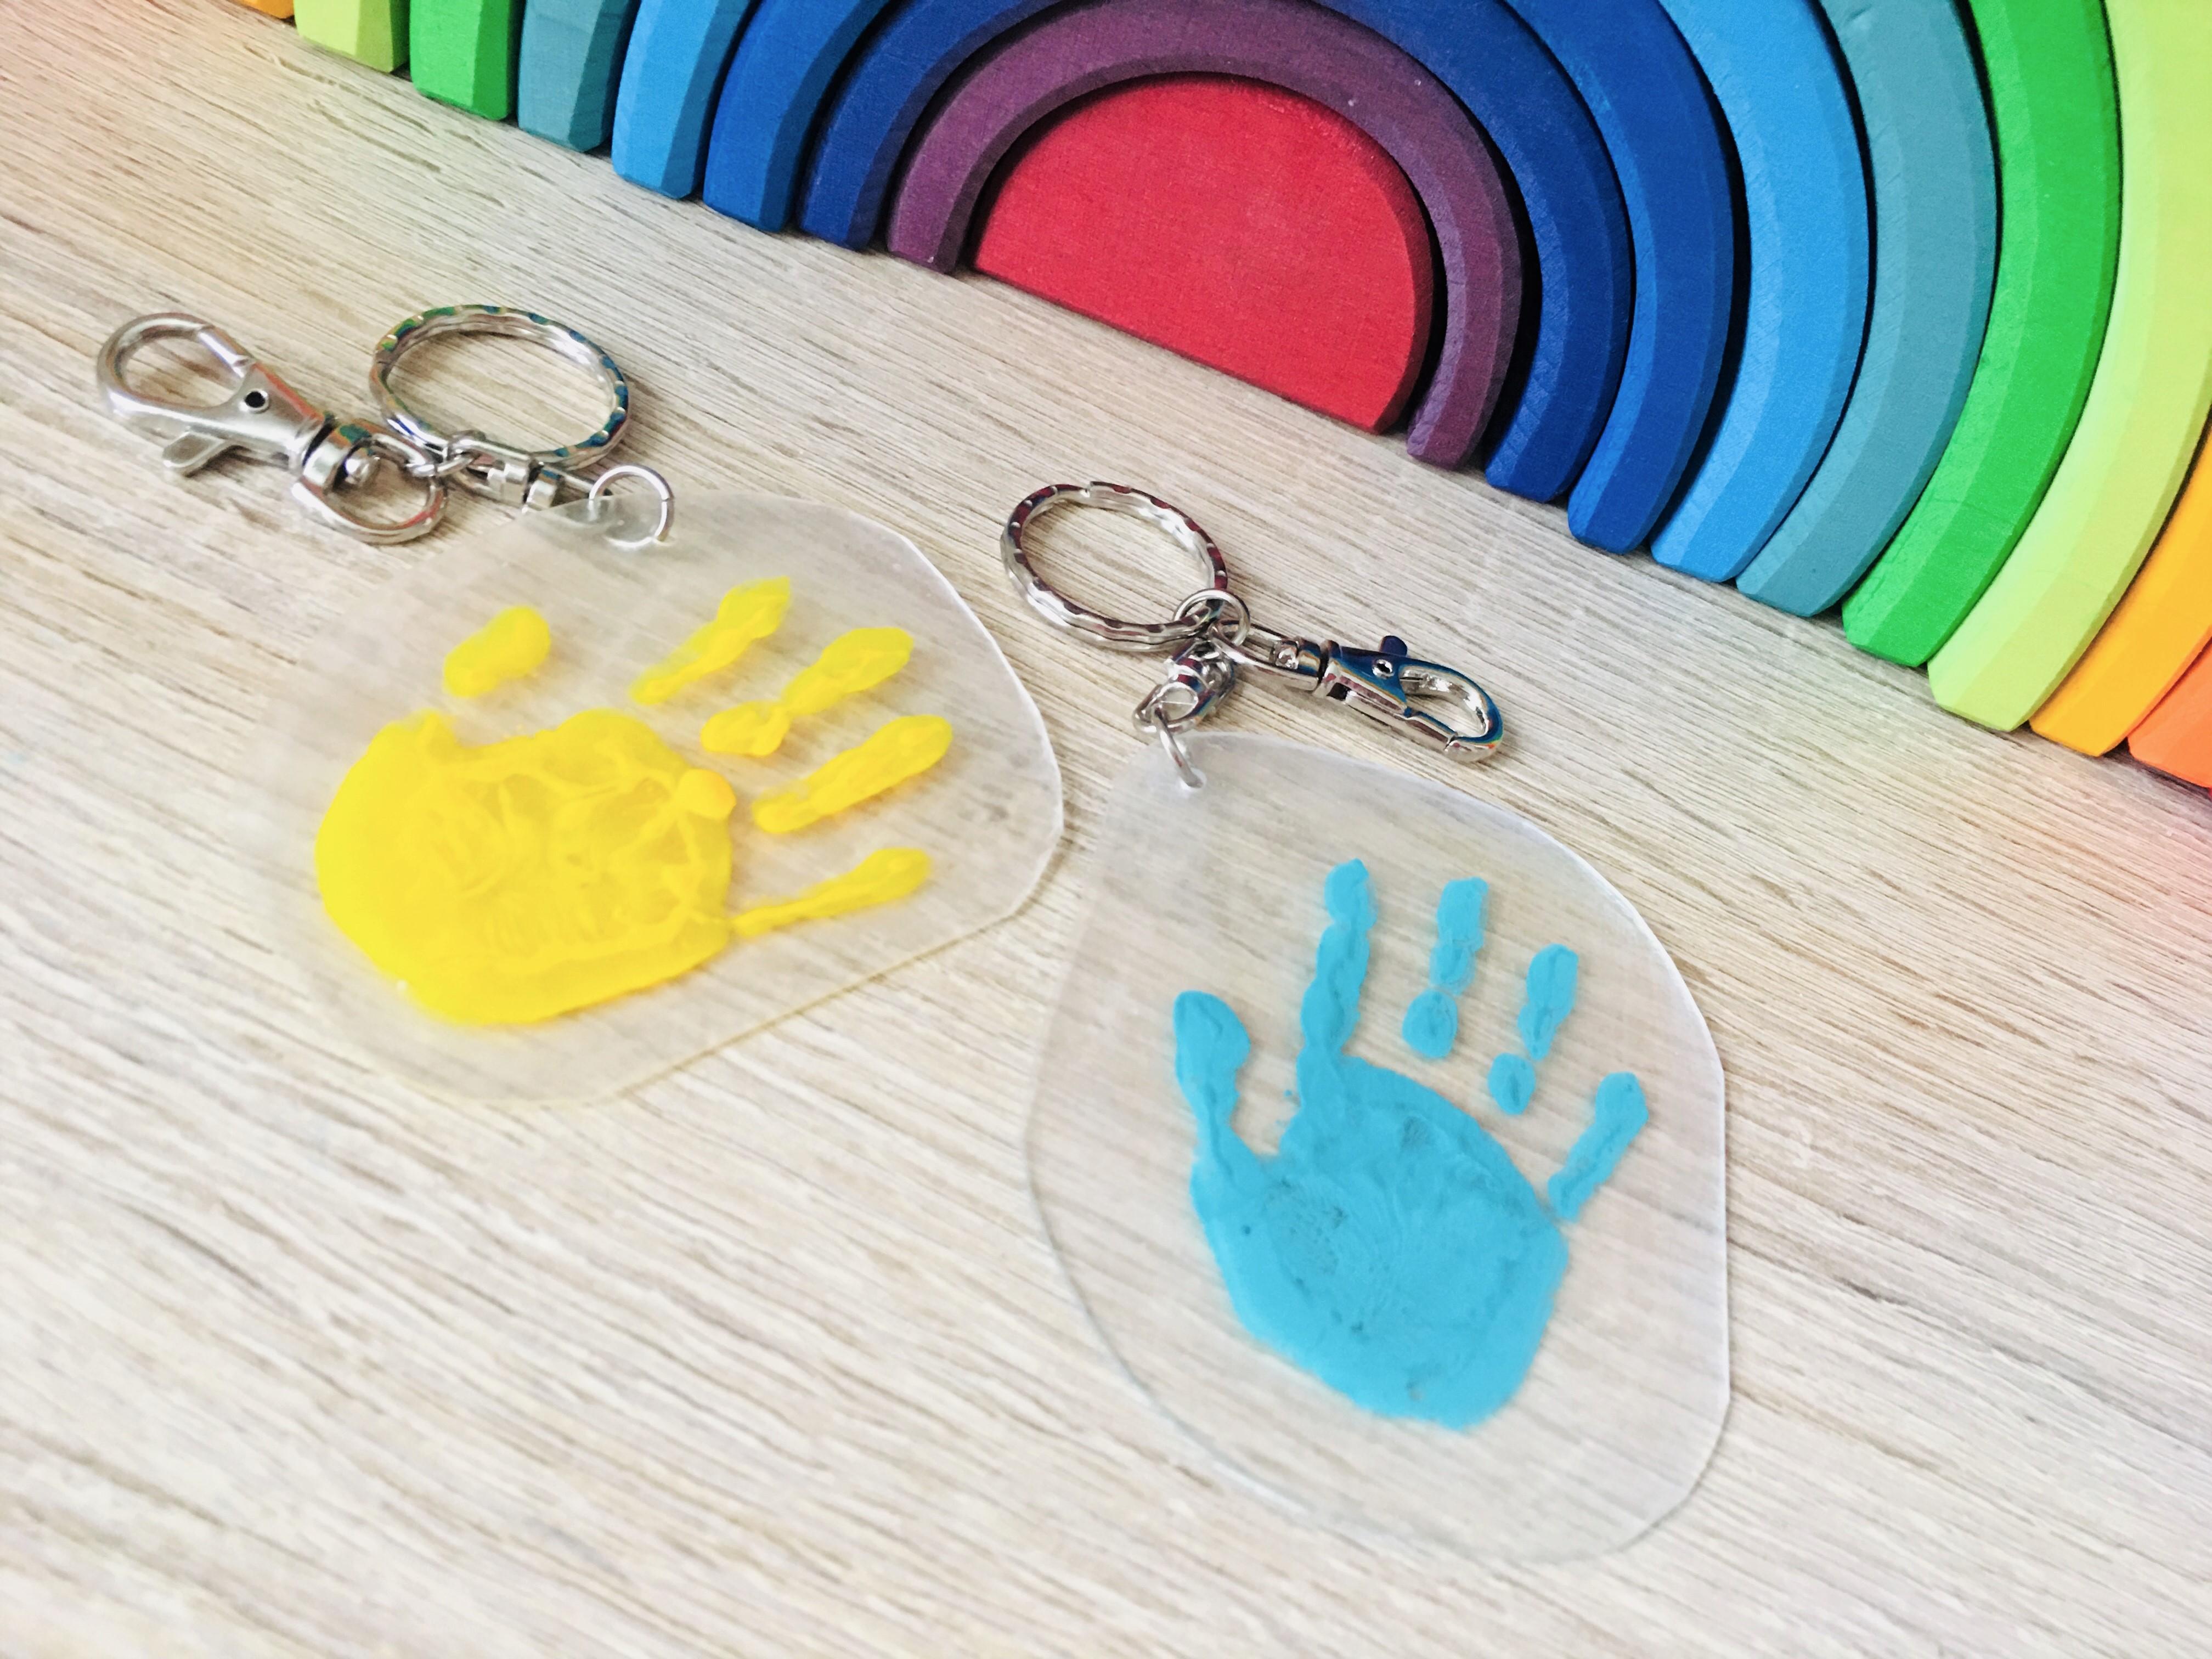 Handabdruck Schlüsselanhänger Basteln Mit Schrumpffolie